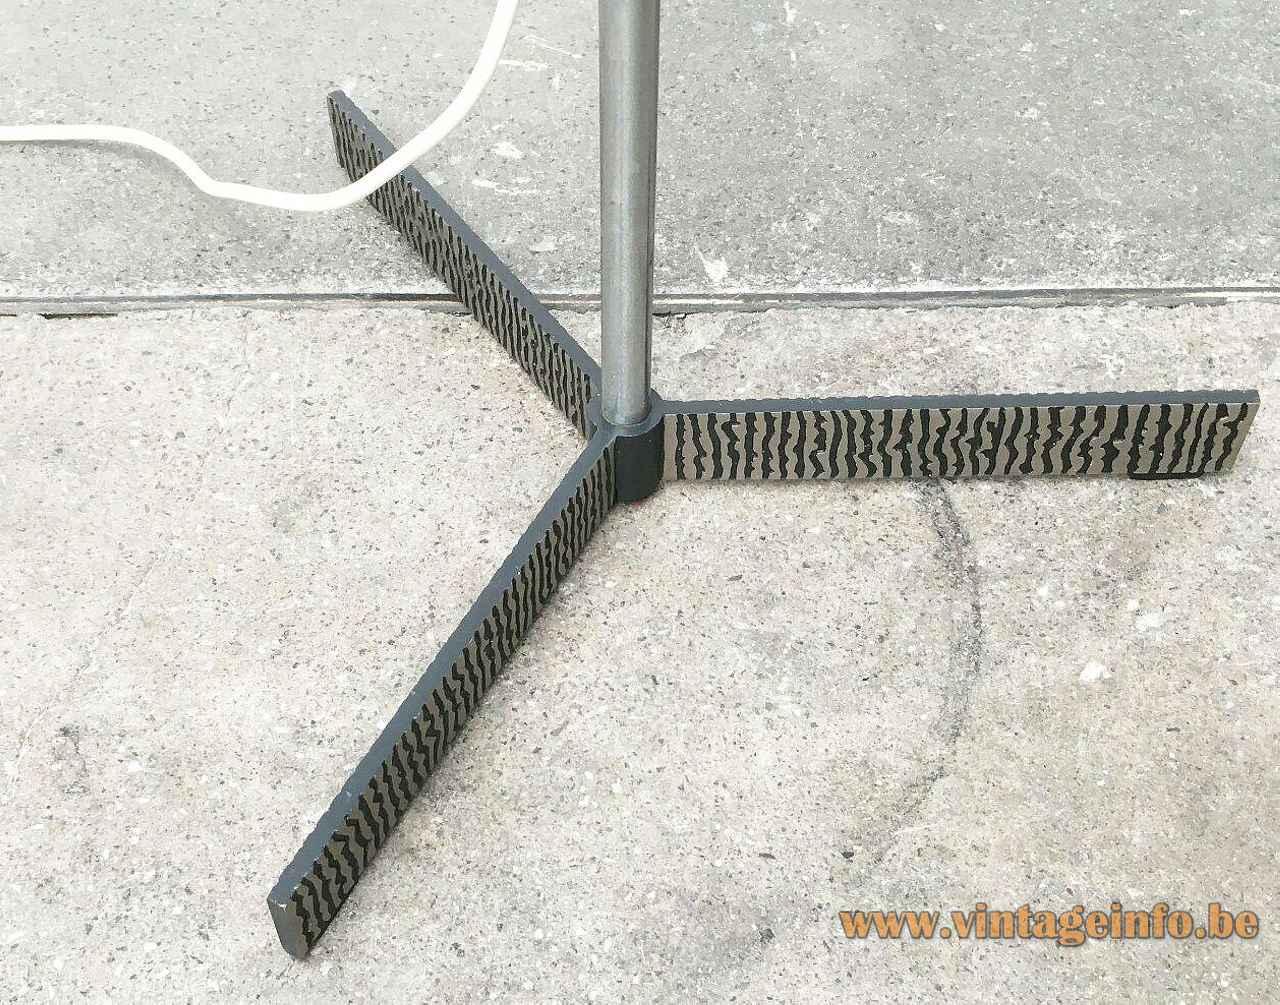 Kaiser Leuchten fibreglass floor lamp eteched embossed blackened metal tripod base 1960s Germany